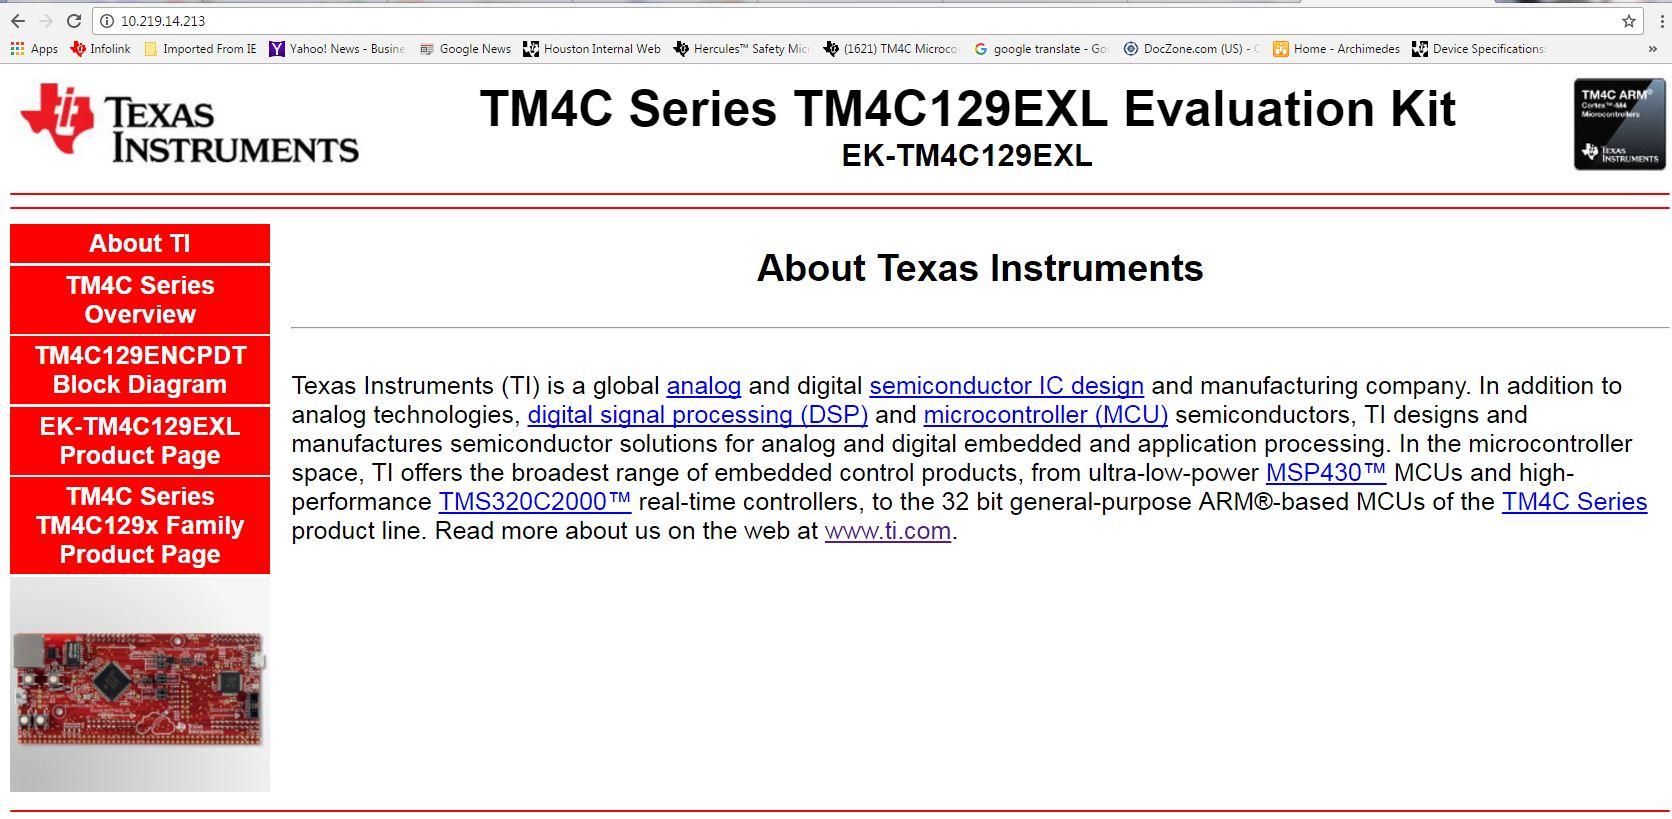 CCS/EK-TM4C1294XL: web development by using ethernet connected